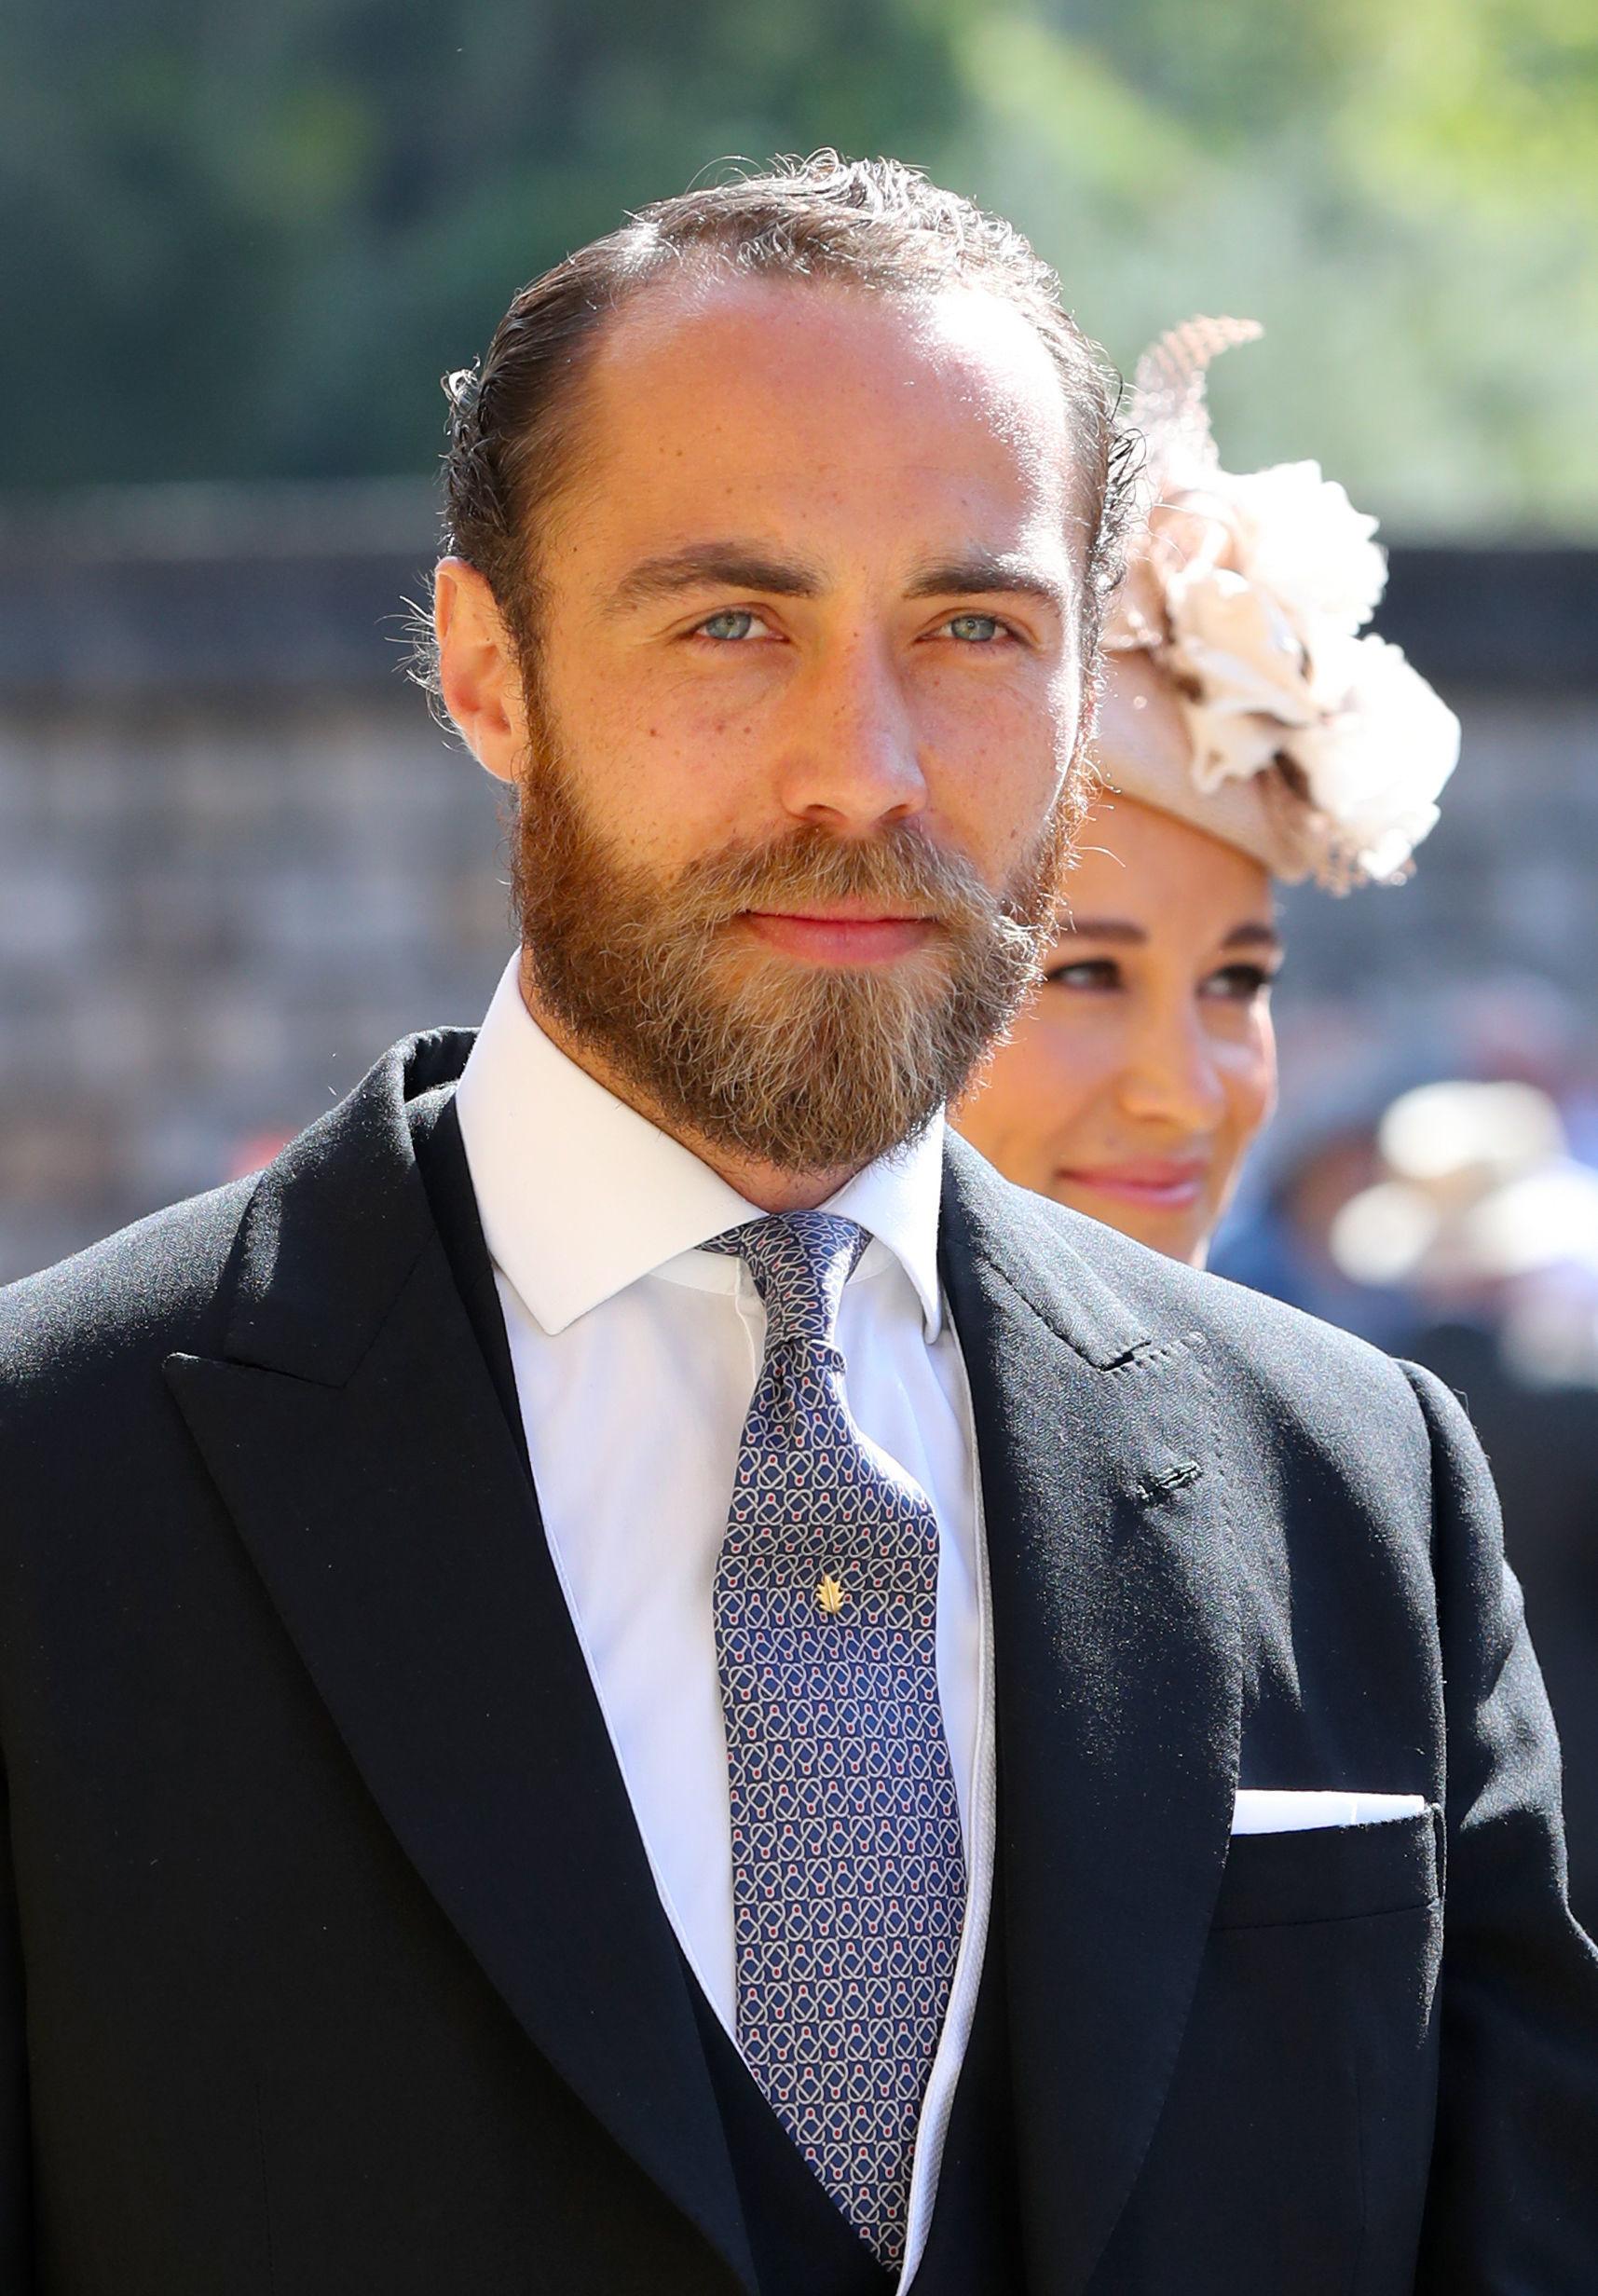 james-middleton-royal-wedding-2018